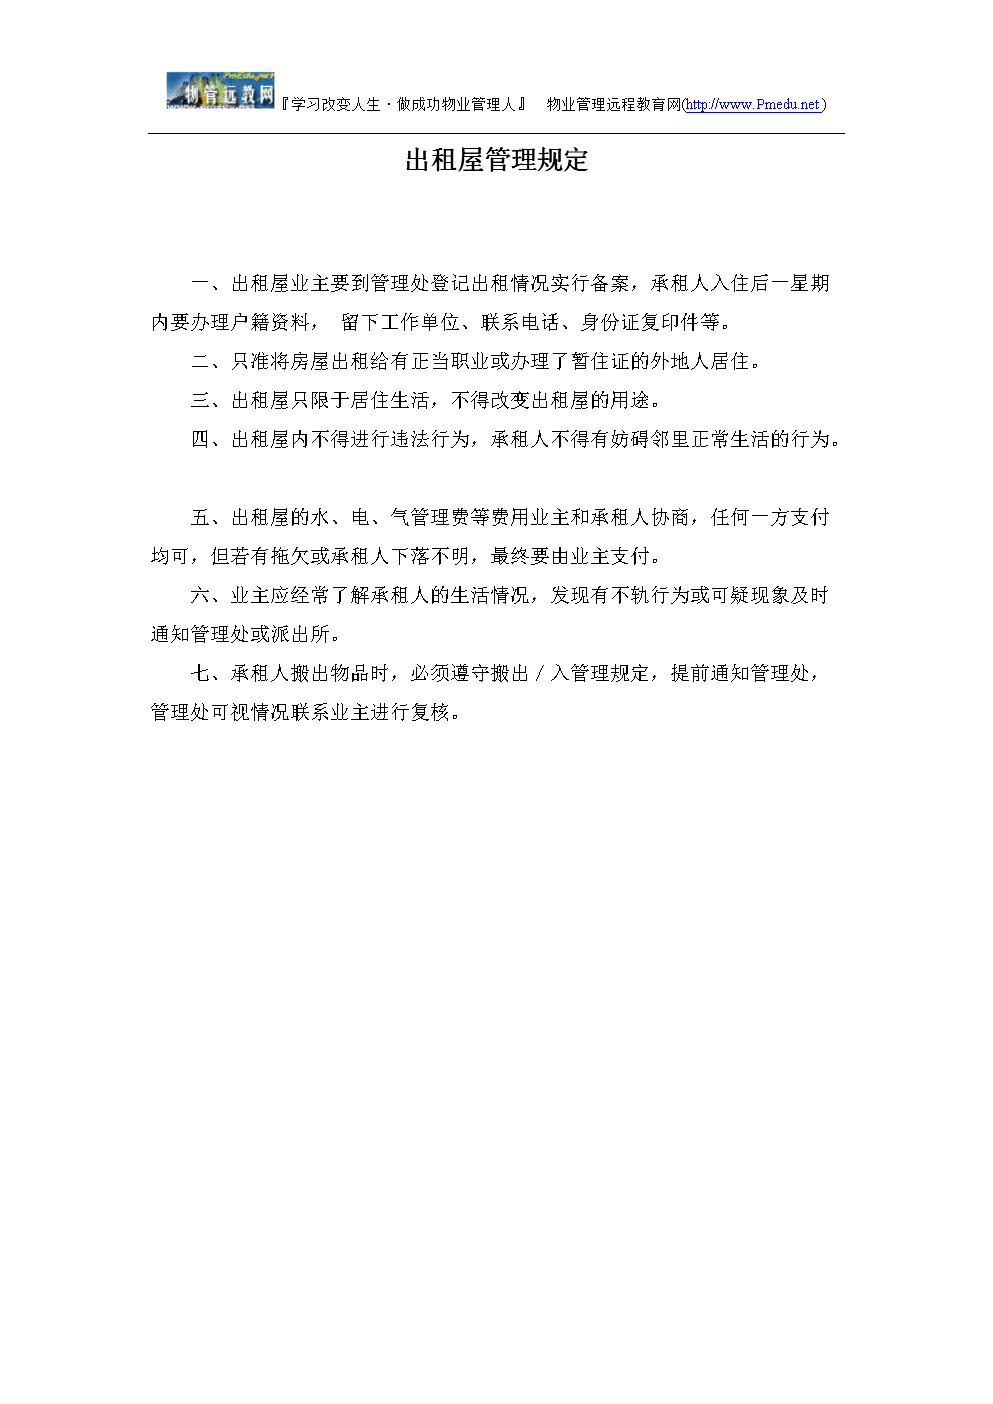 出租屋管理规定.doc